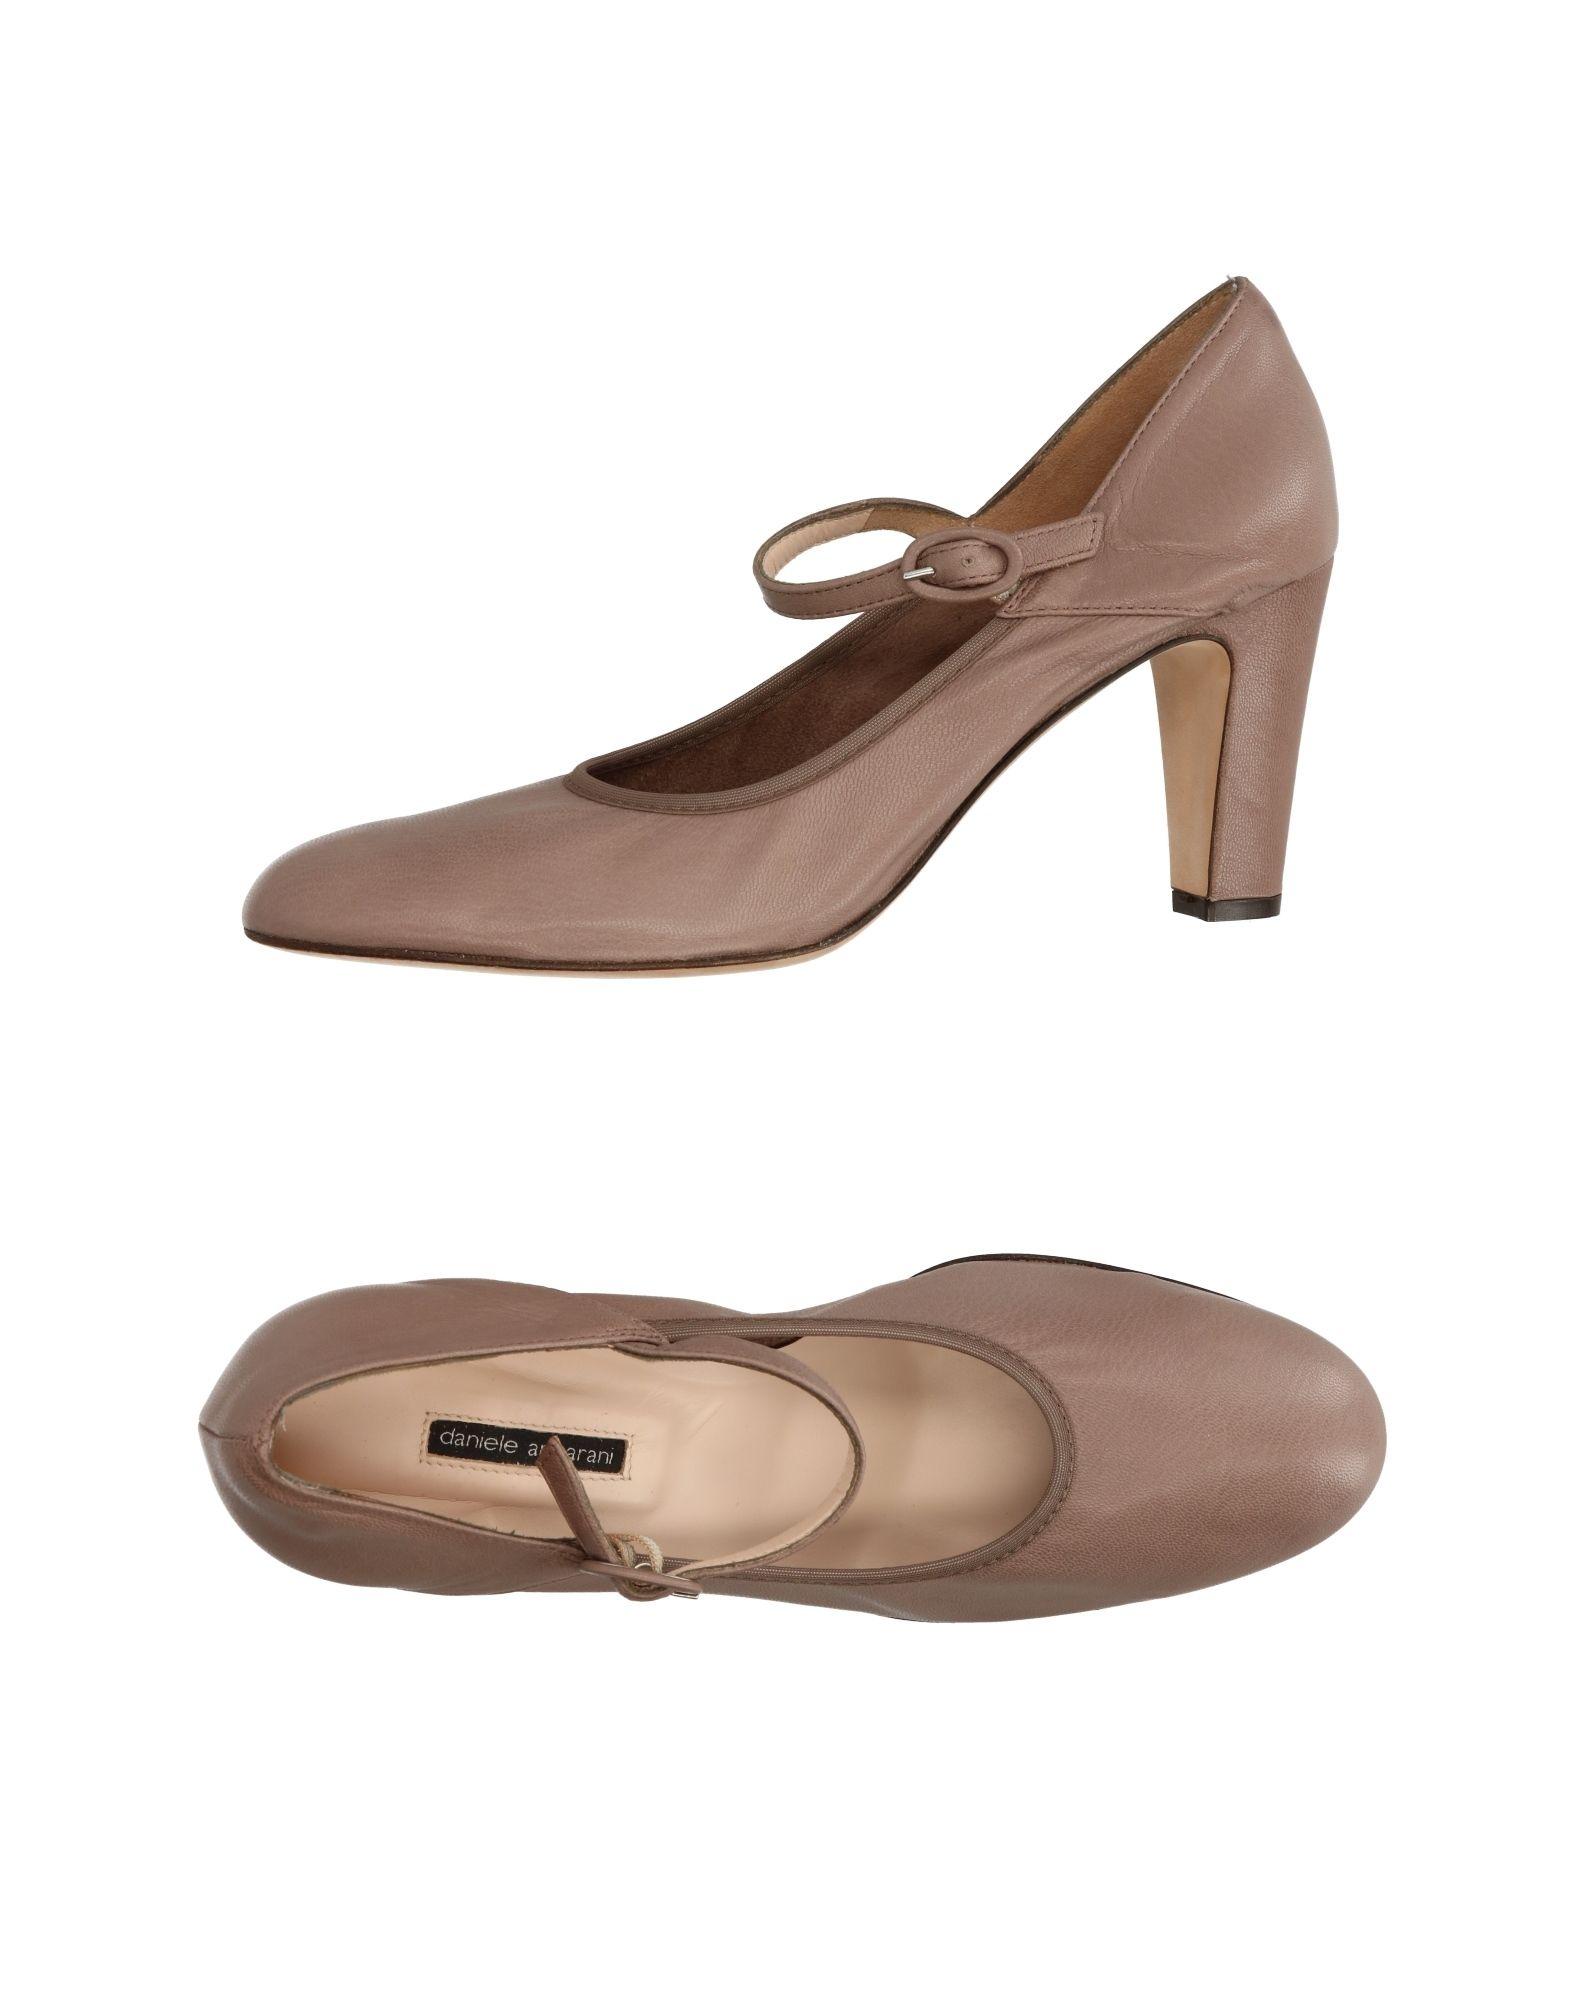 DANIELE ANCARANI Туфли daniele michetti daniele michetti брендовые туфли женские 83